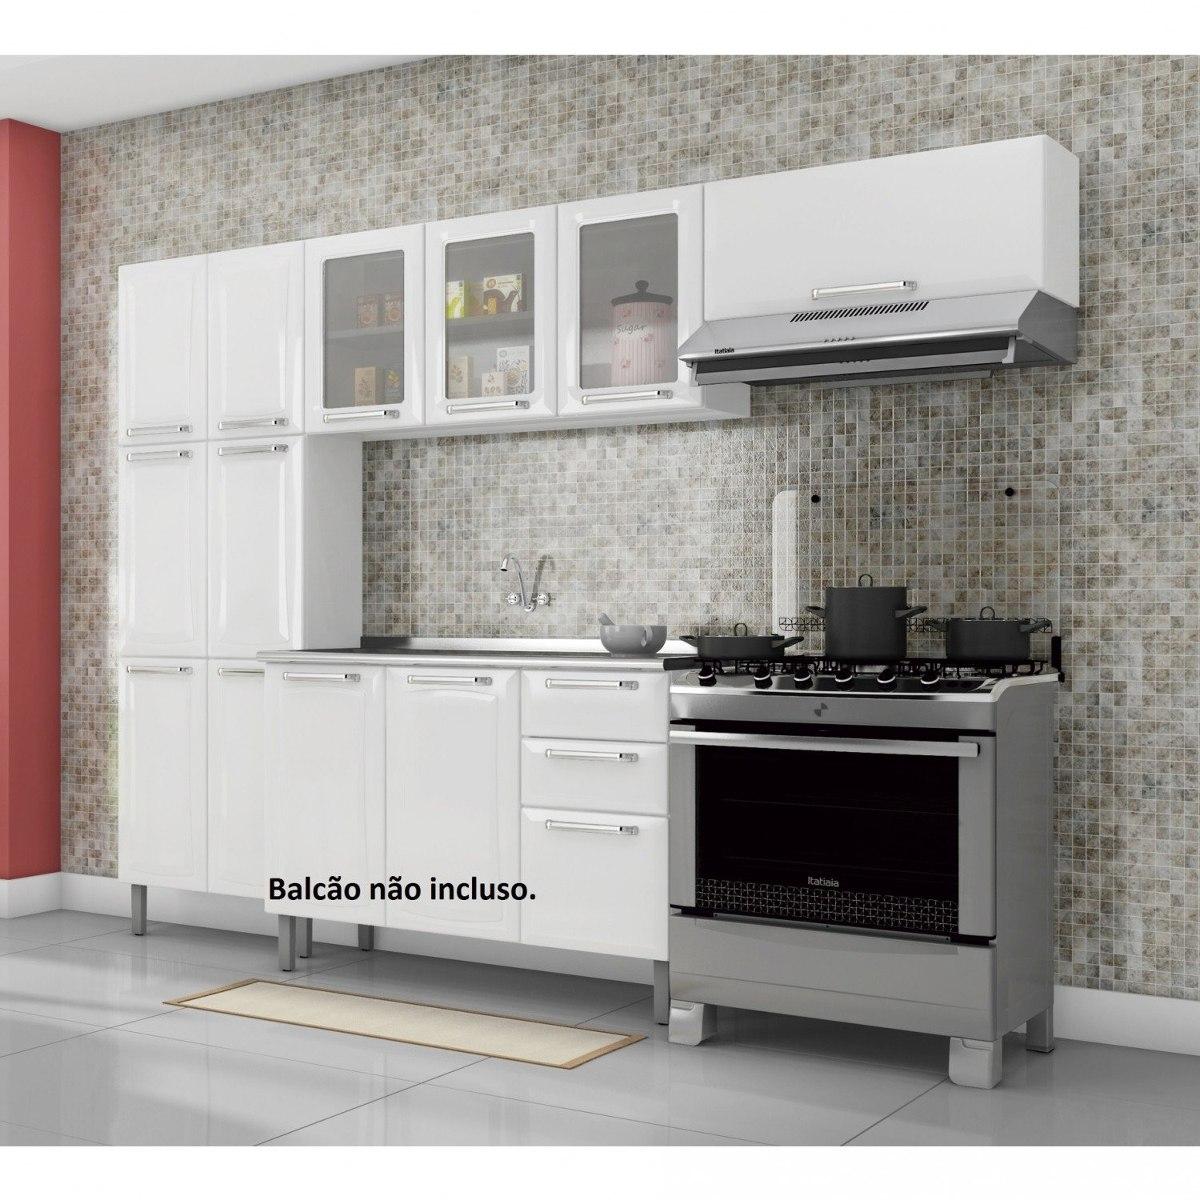 Cozinha Compacta 3 Pe As Sem Balc O 3 Portas Em Fe R 989 90 Em